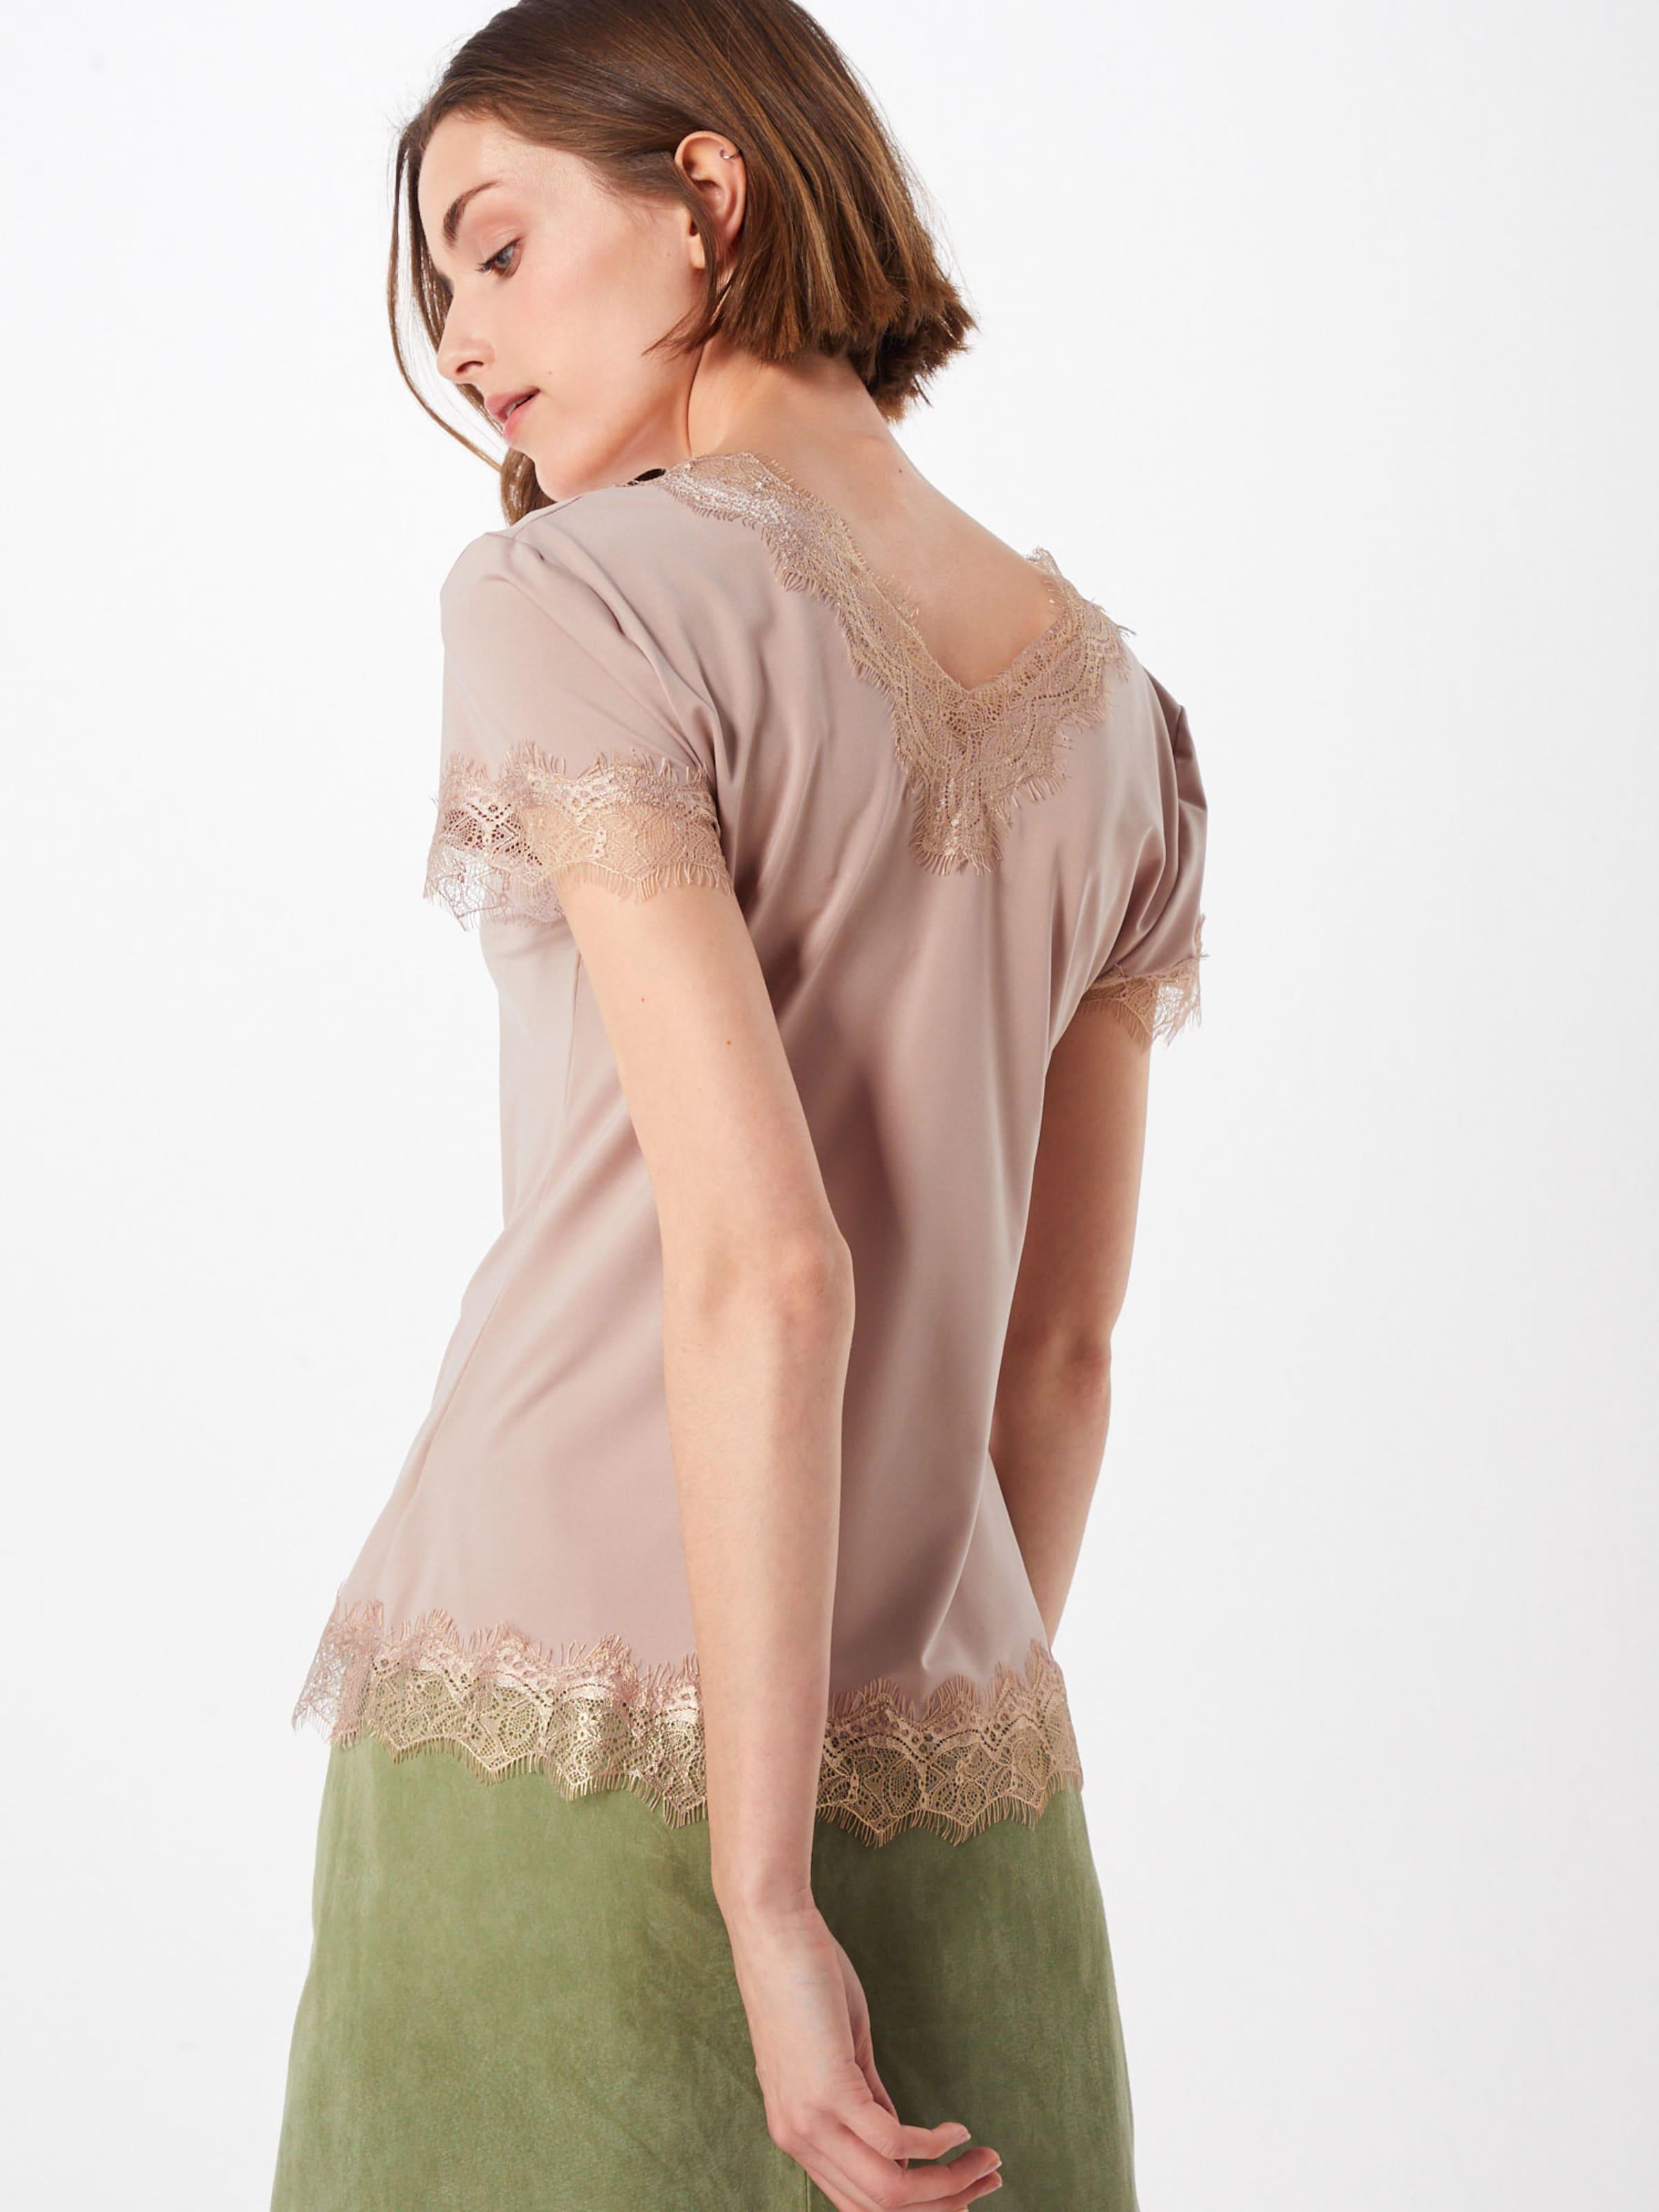 Rosemunde T T Rosé Rosemunde shirt En PnZ0ON8wkX